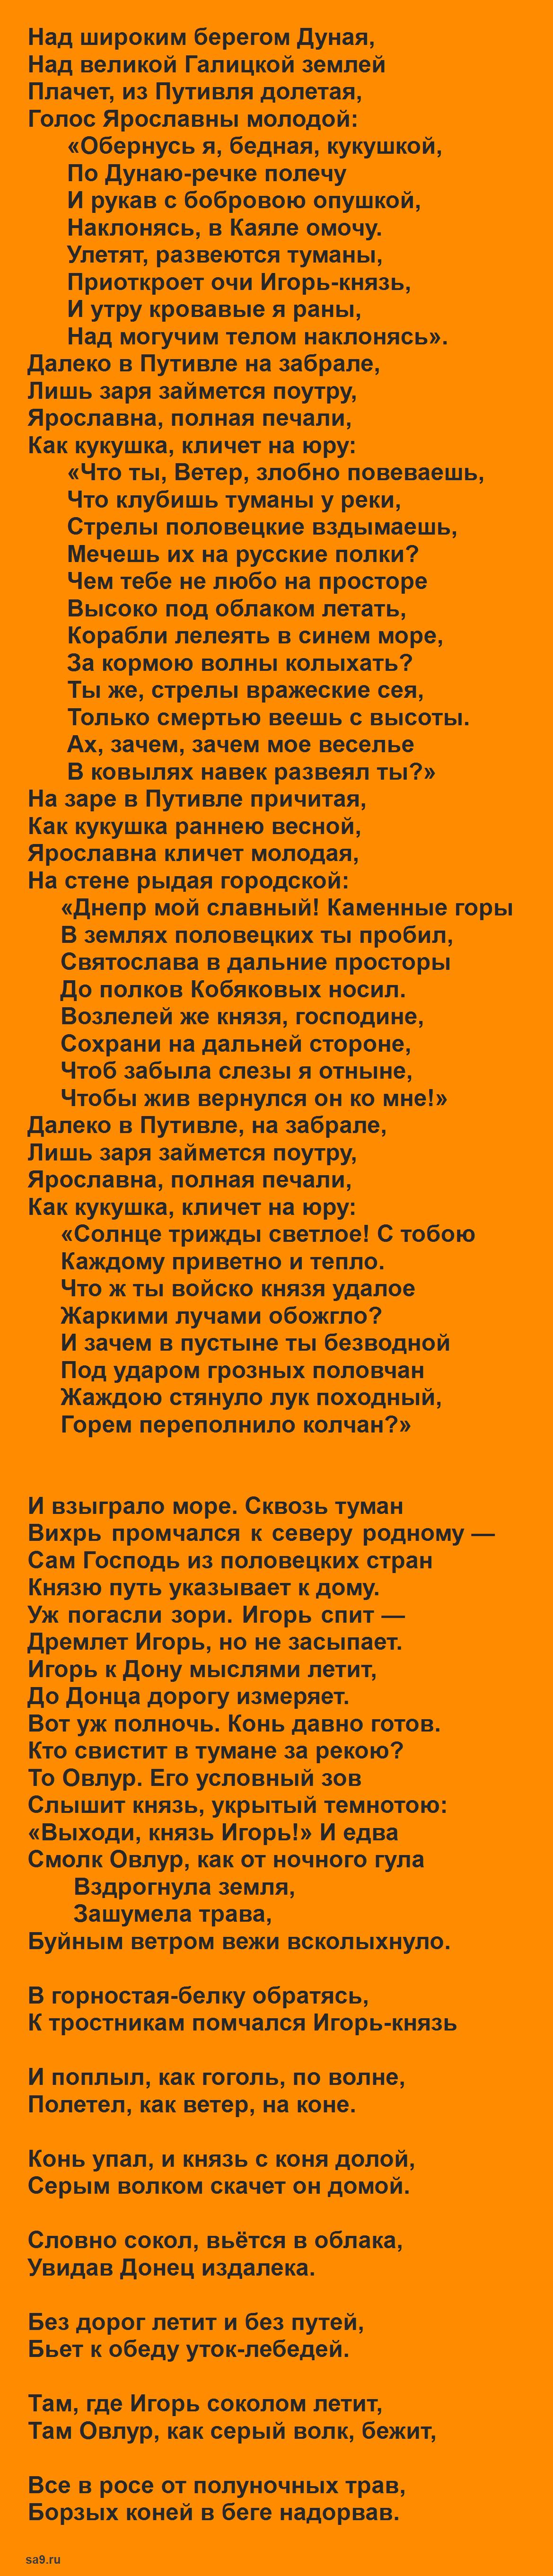 Слово о полку Игореве, читать полностью